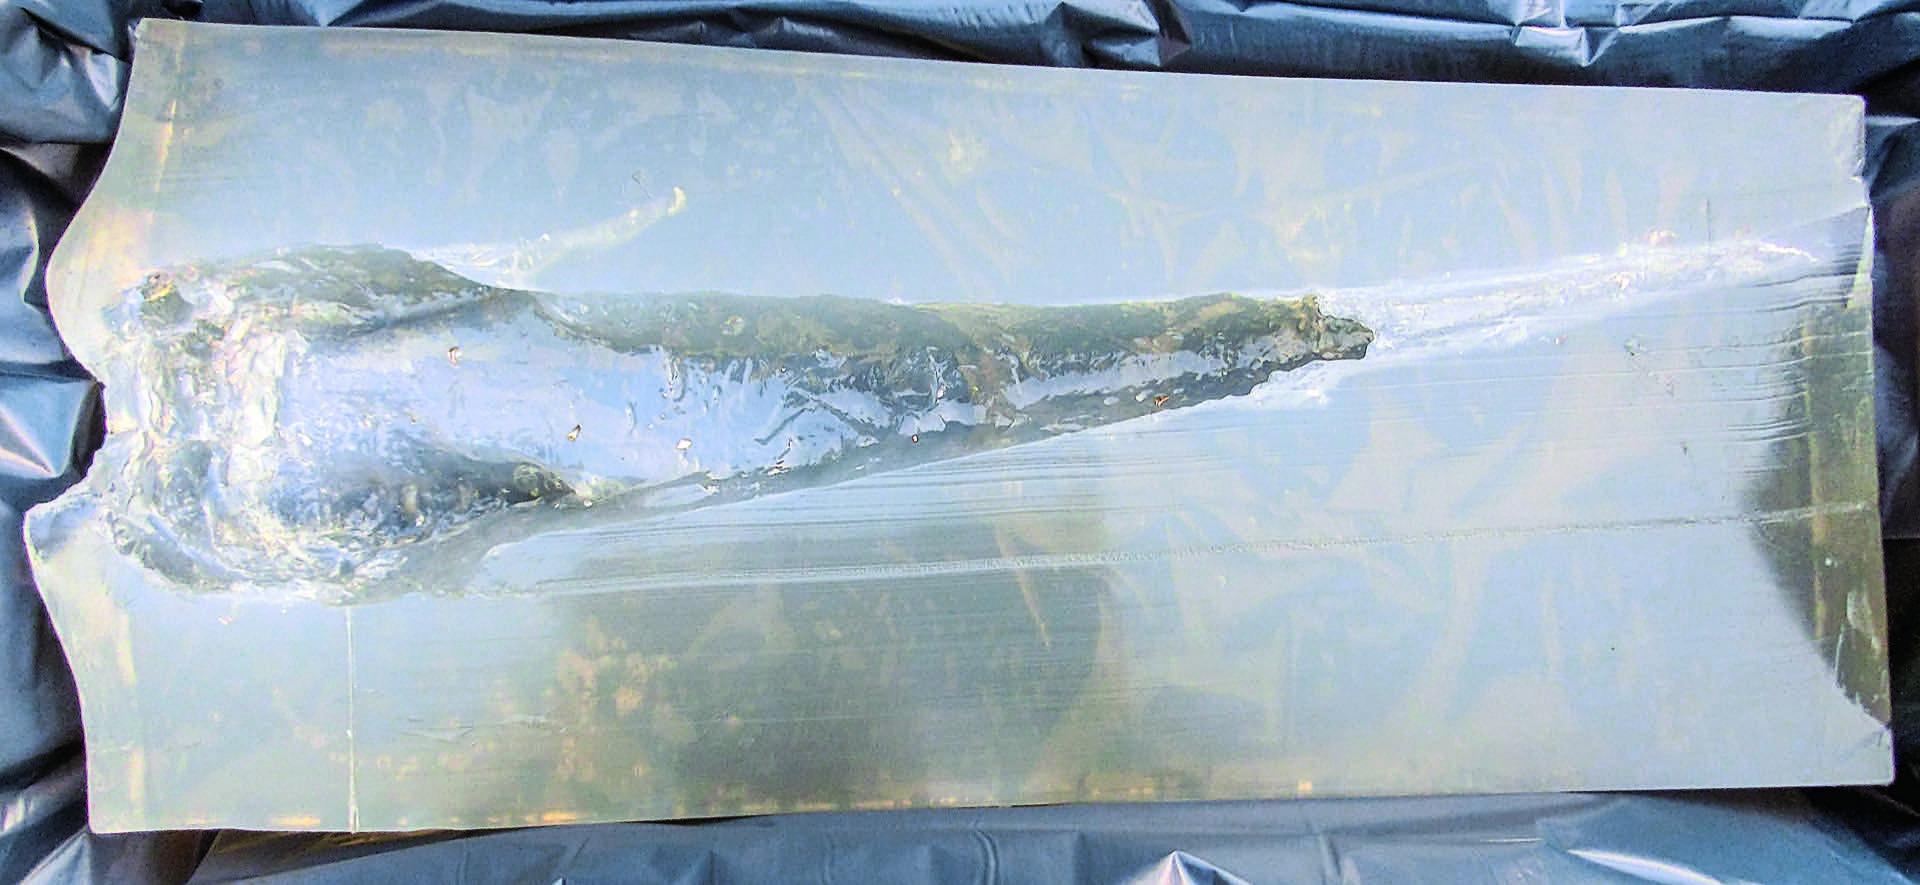 KB 2c Bild 08a_3006 evo green 2 Kopie jaegermagazin jagd bleifreie munition kaliber beschuss buechse